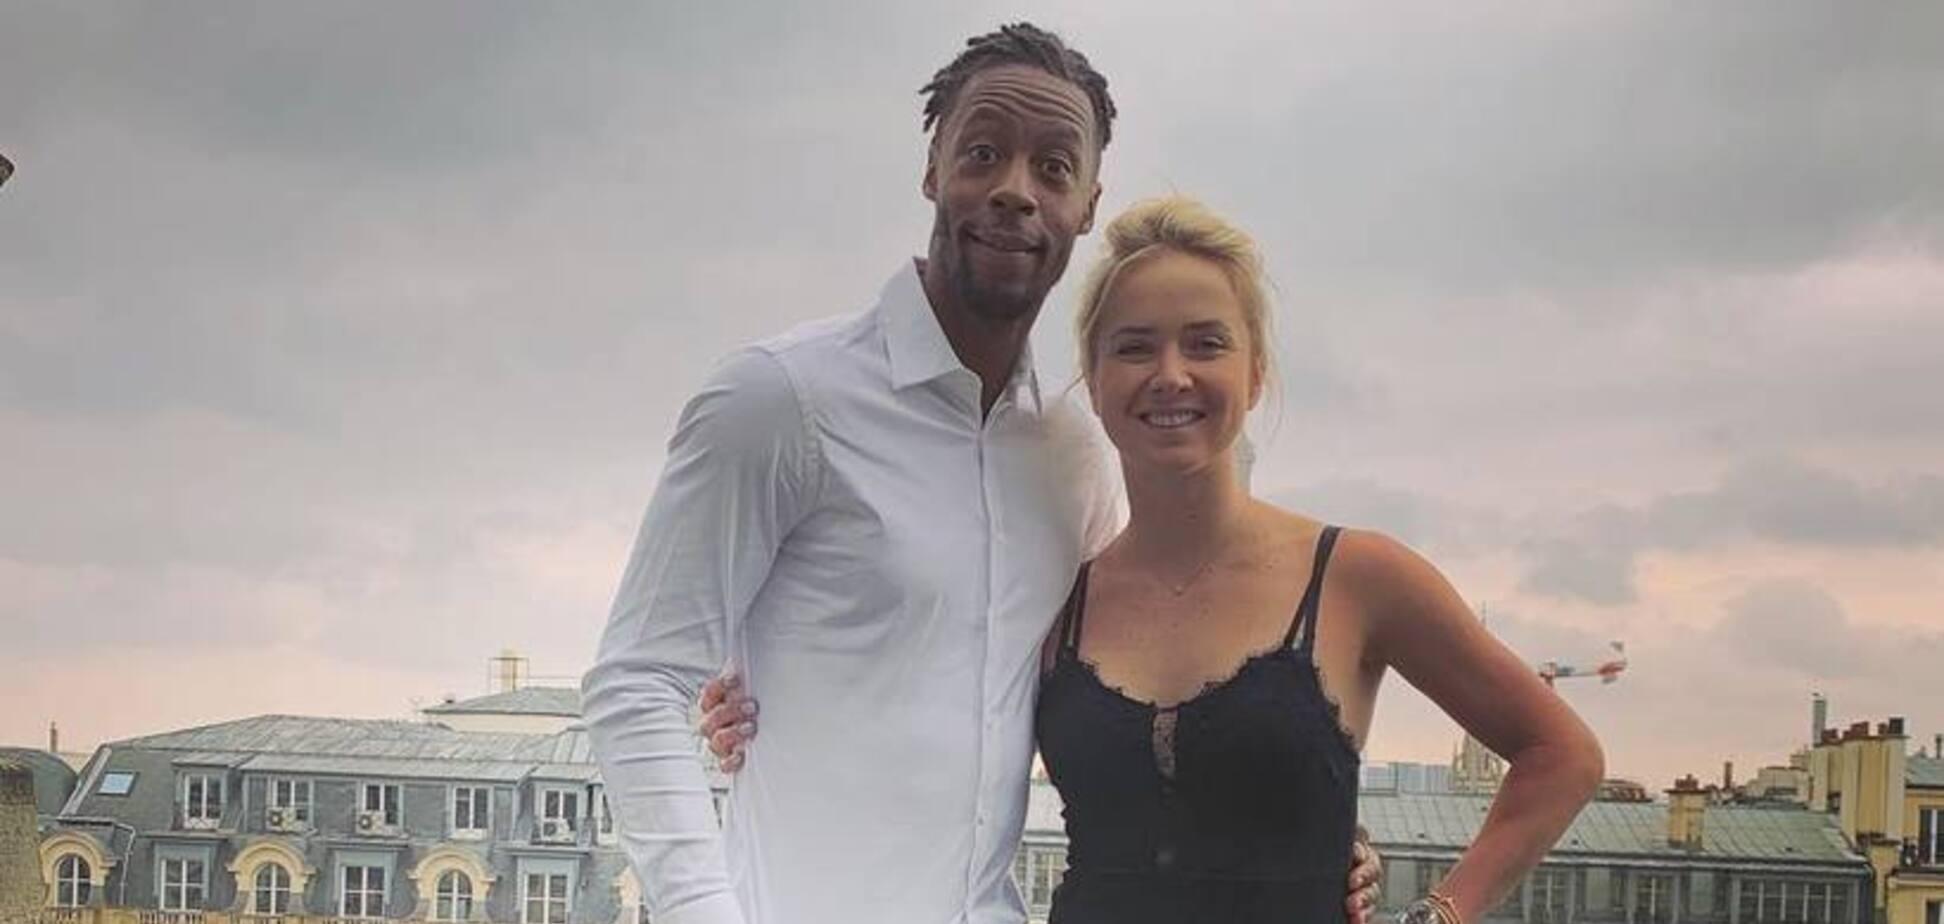 ''Сладенькая'': бойфренд Свитолиной рассказал о теннисистке, упомянув ''Половое воспитание''